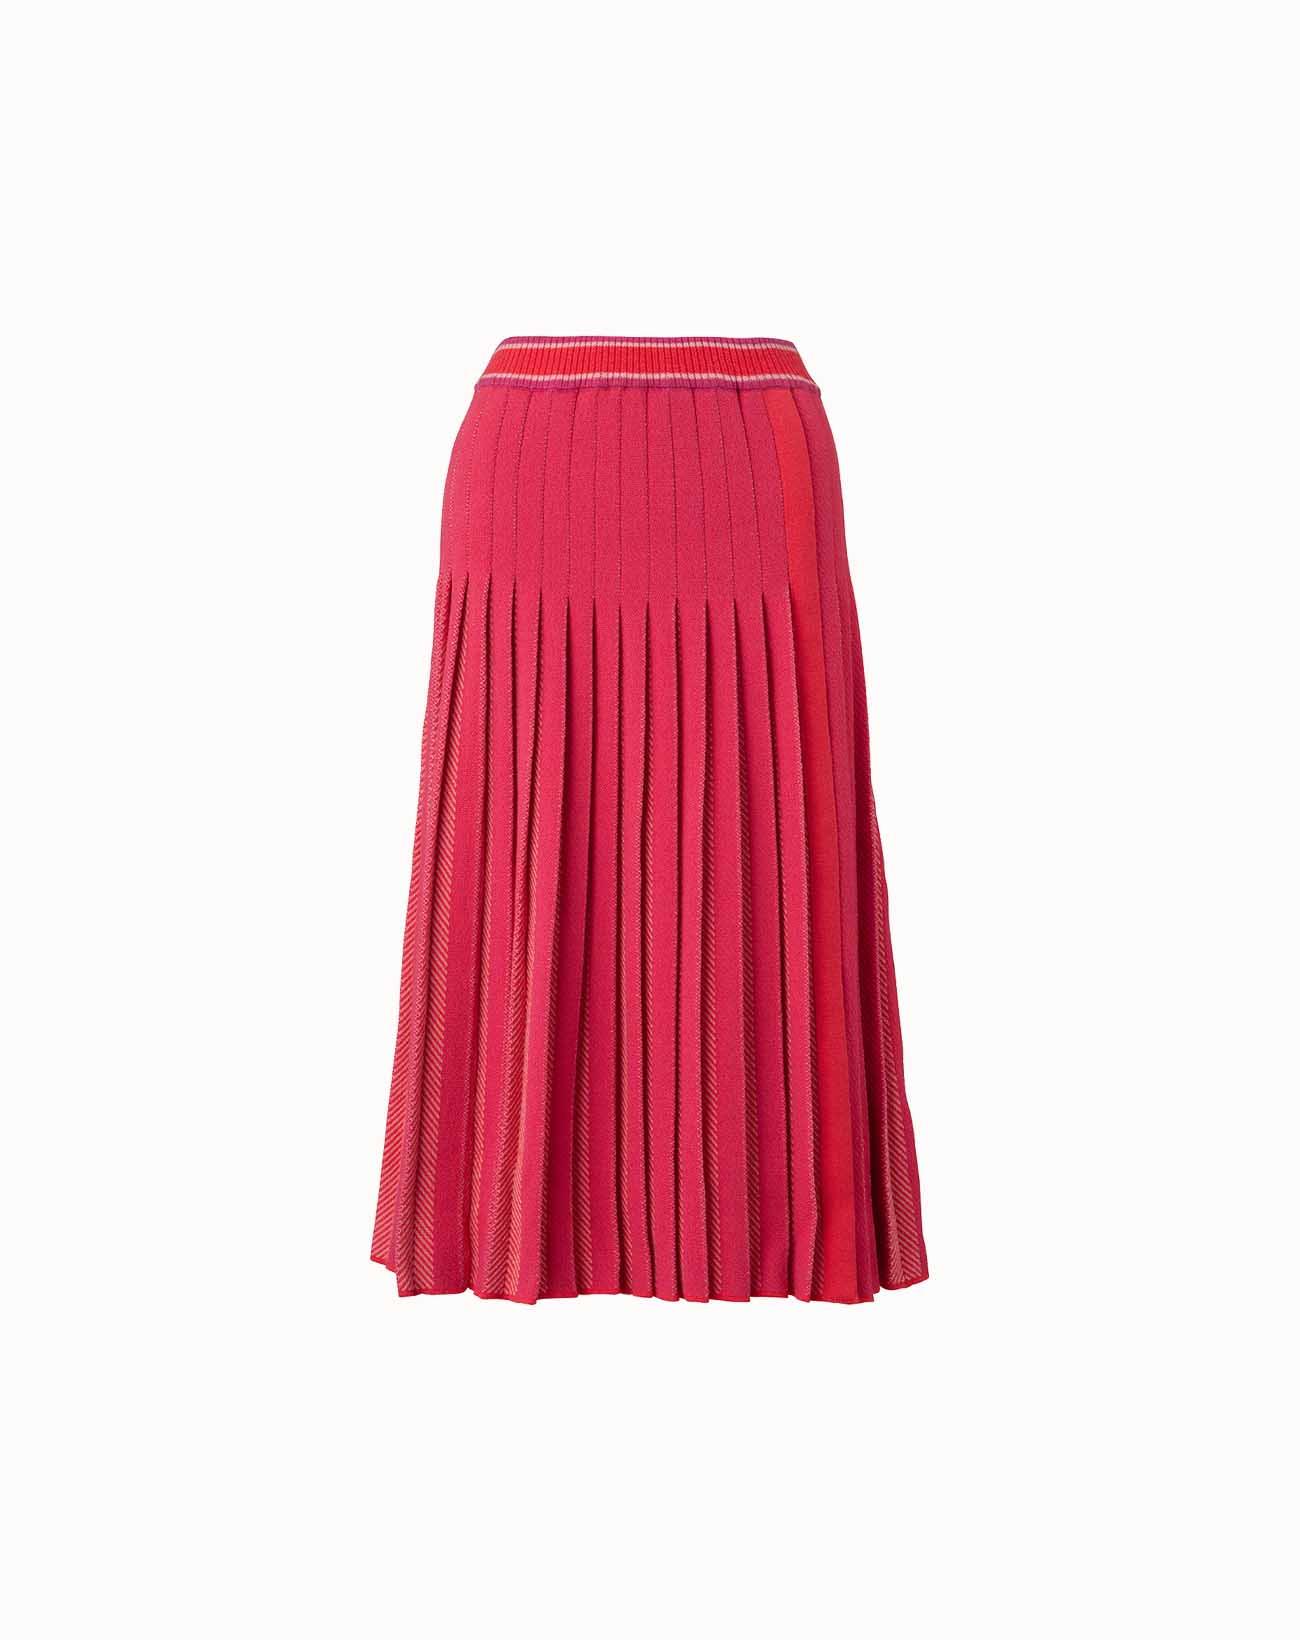 leur logette - Herringbone Wool Skirt - Pink